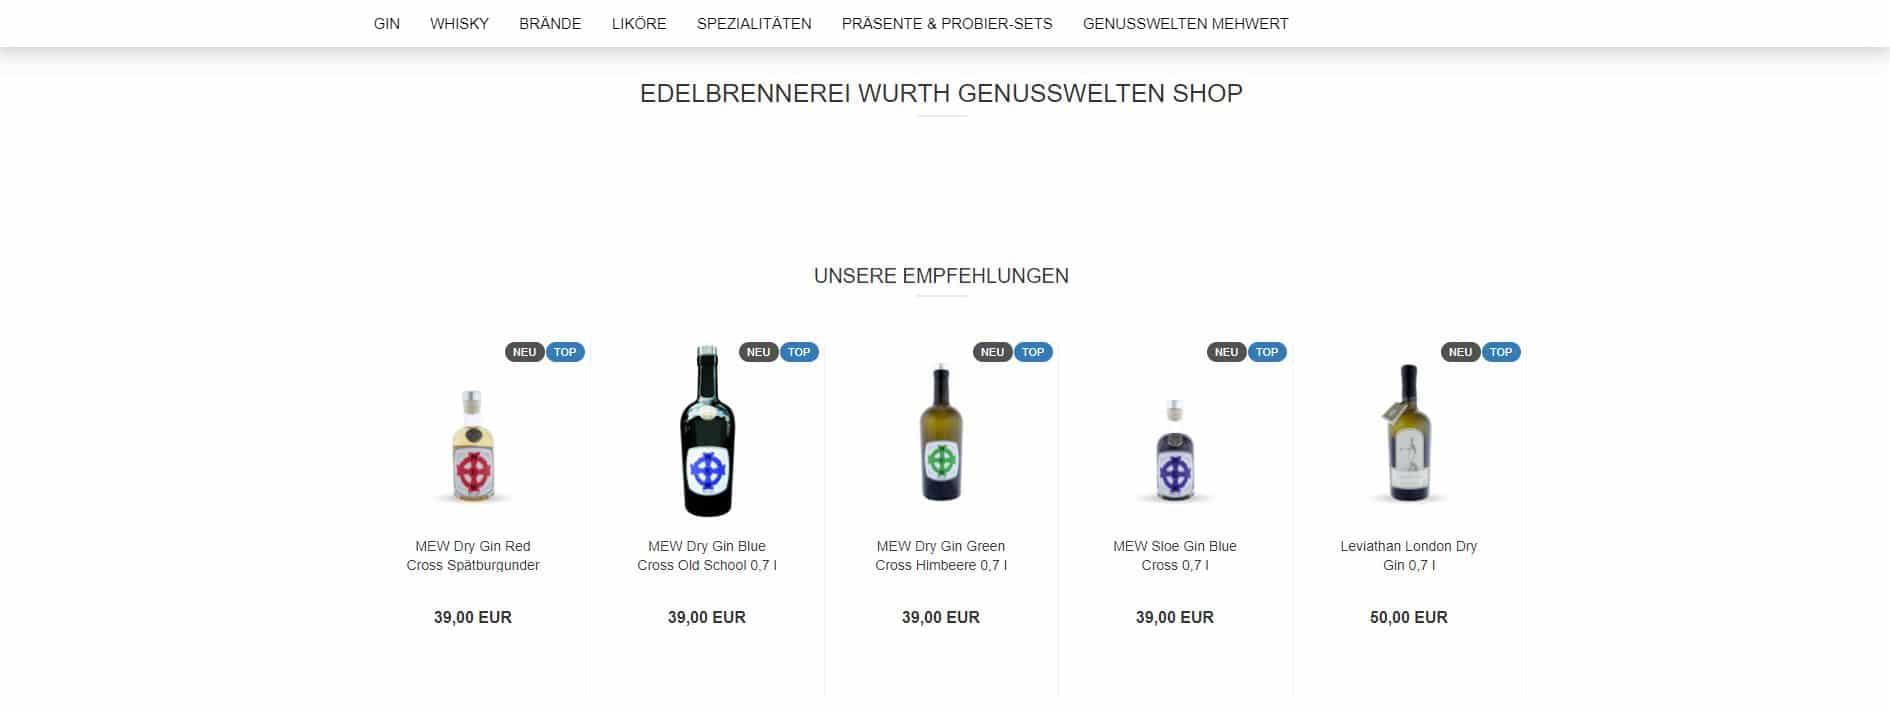 Gin Online Shop - der genusswelten Shop der Edelbrennerei Wurth